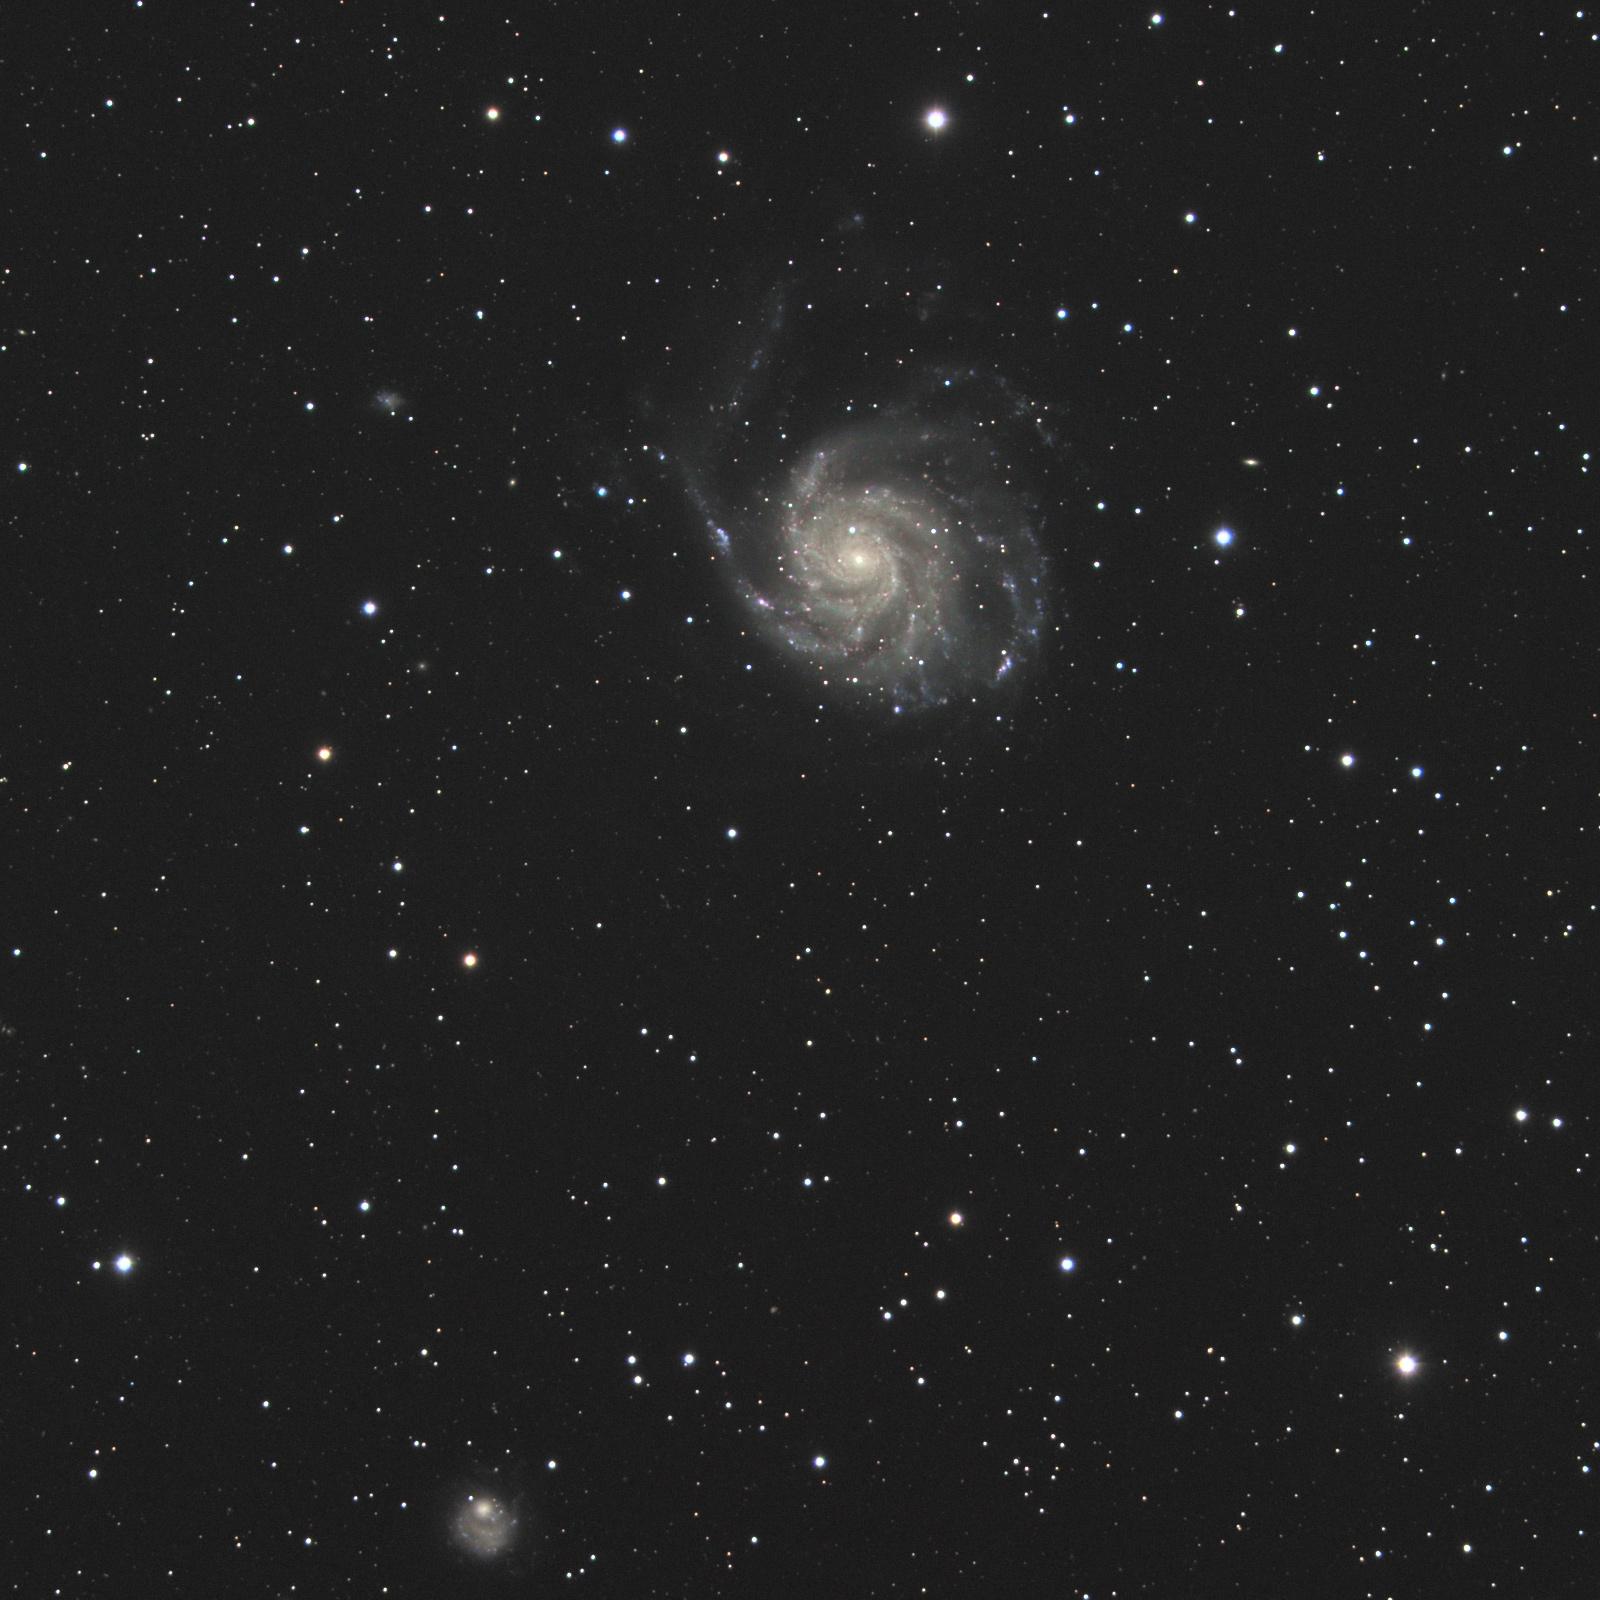 M101_fc60f6_240min_tr